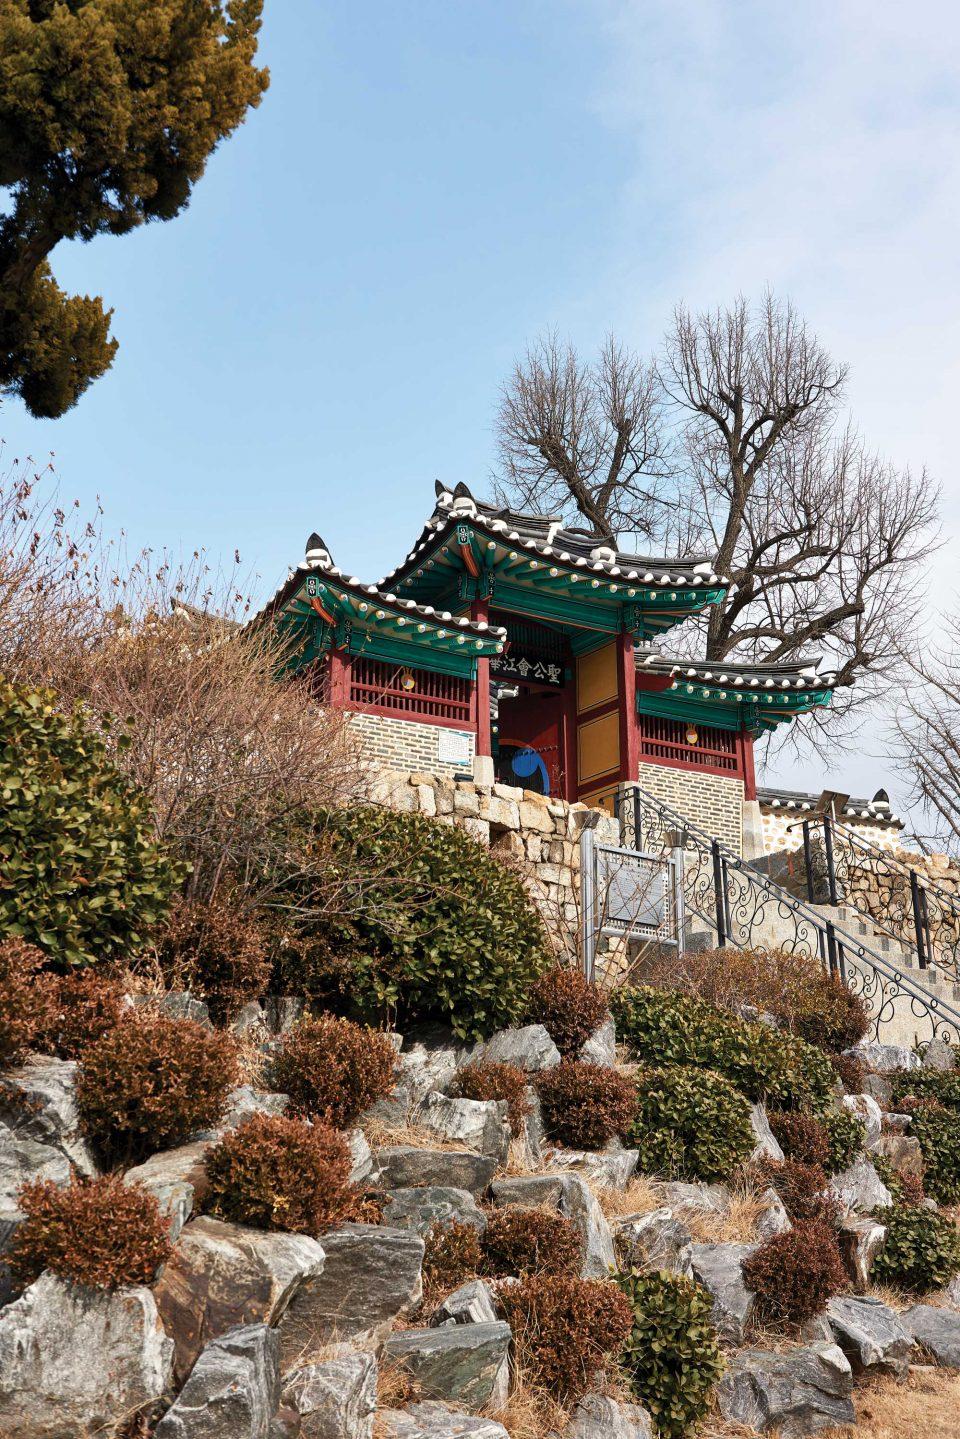 강화성당의 입구 모습. 강화읍 내에서 가장 높은 곳에 우뚝 서 있었다.